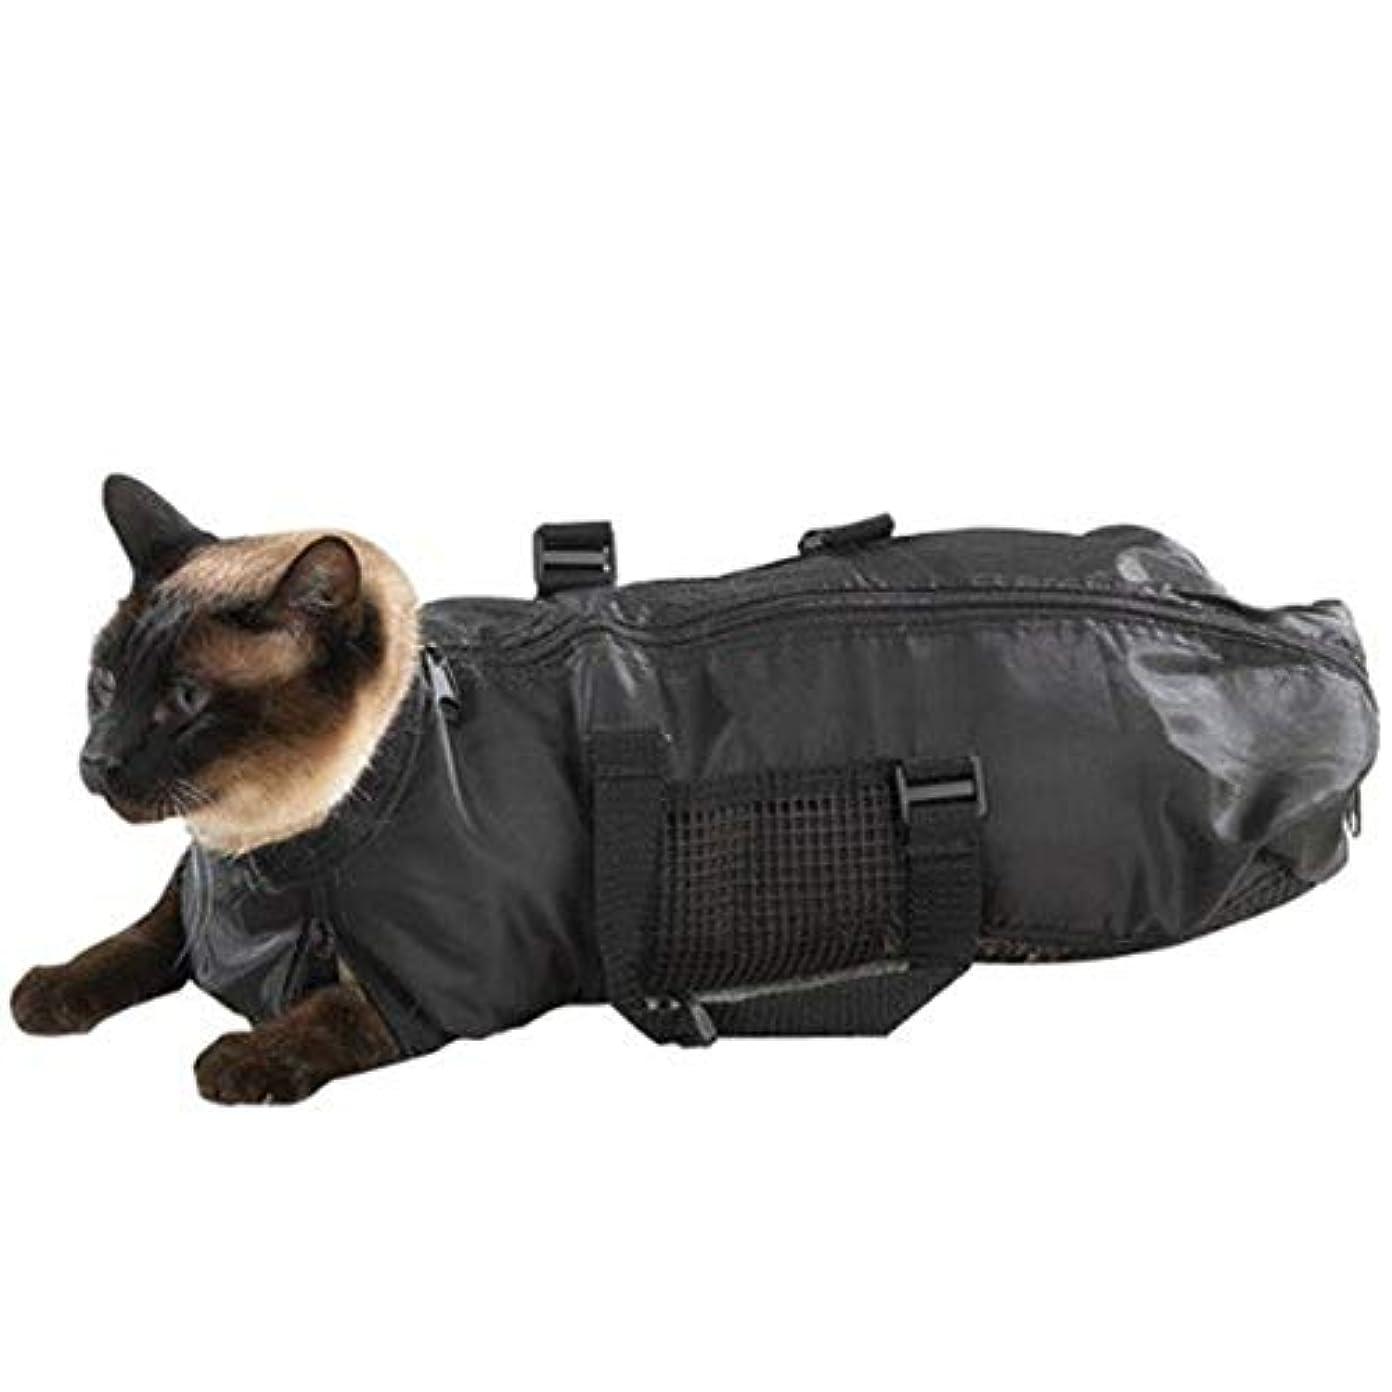 洗う近代化どこにもSaikogoods ネイルクリッピングお風呂のための猫グルーミングバッグ 耐久性に優れ ノースクラッチ 噛み拘束 多彩なバッグ ペットサプライ 黒